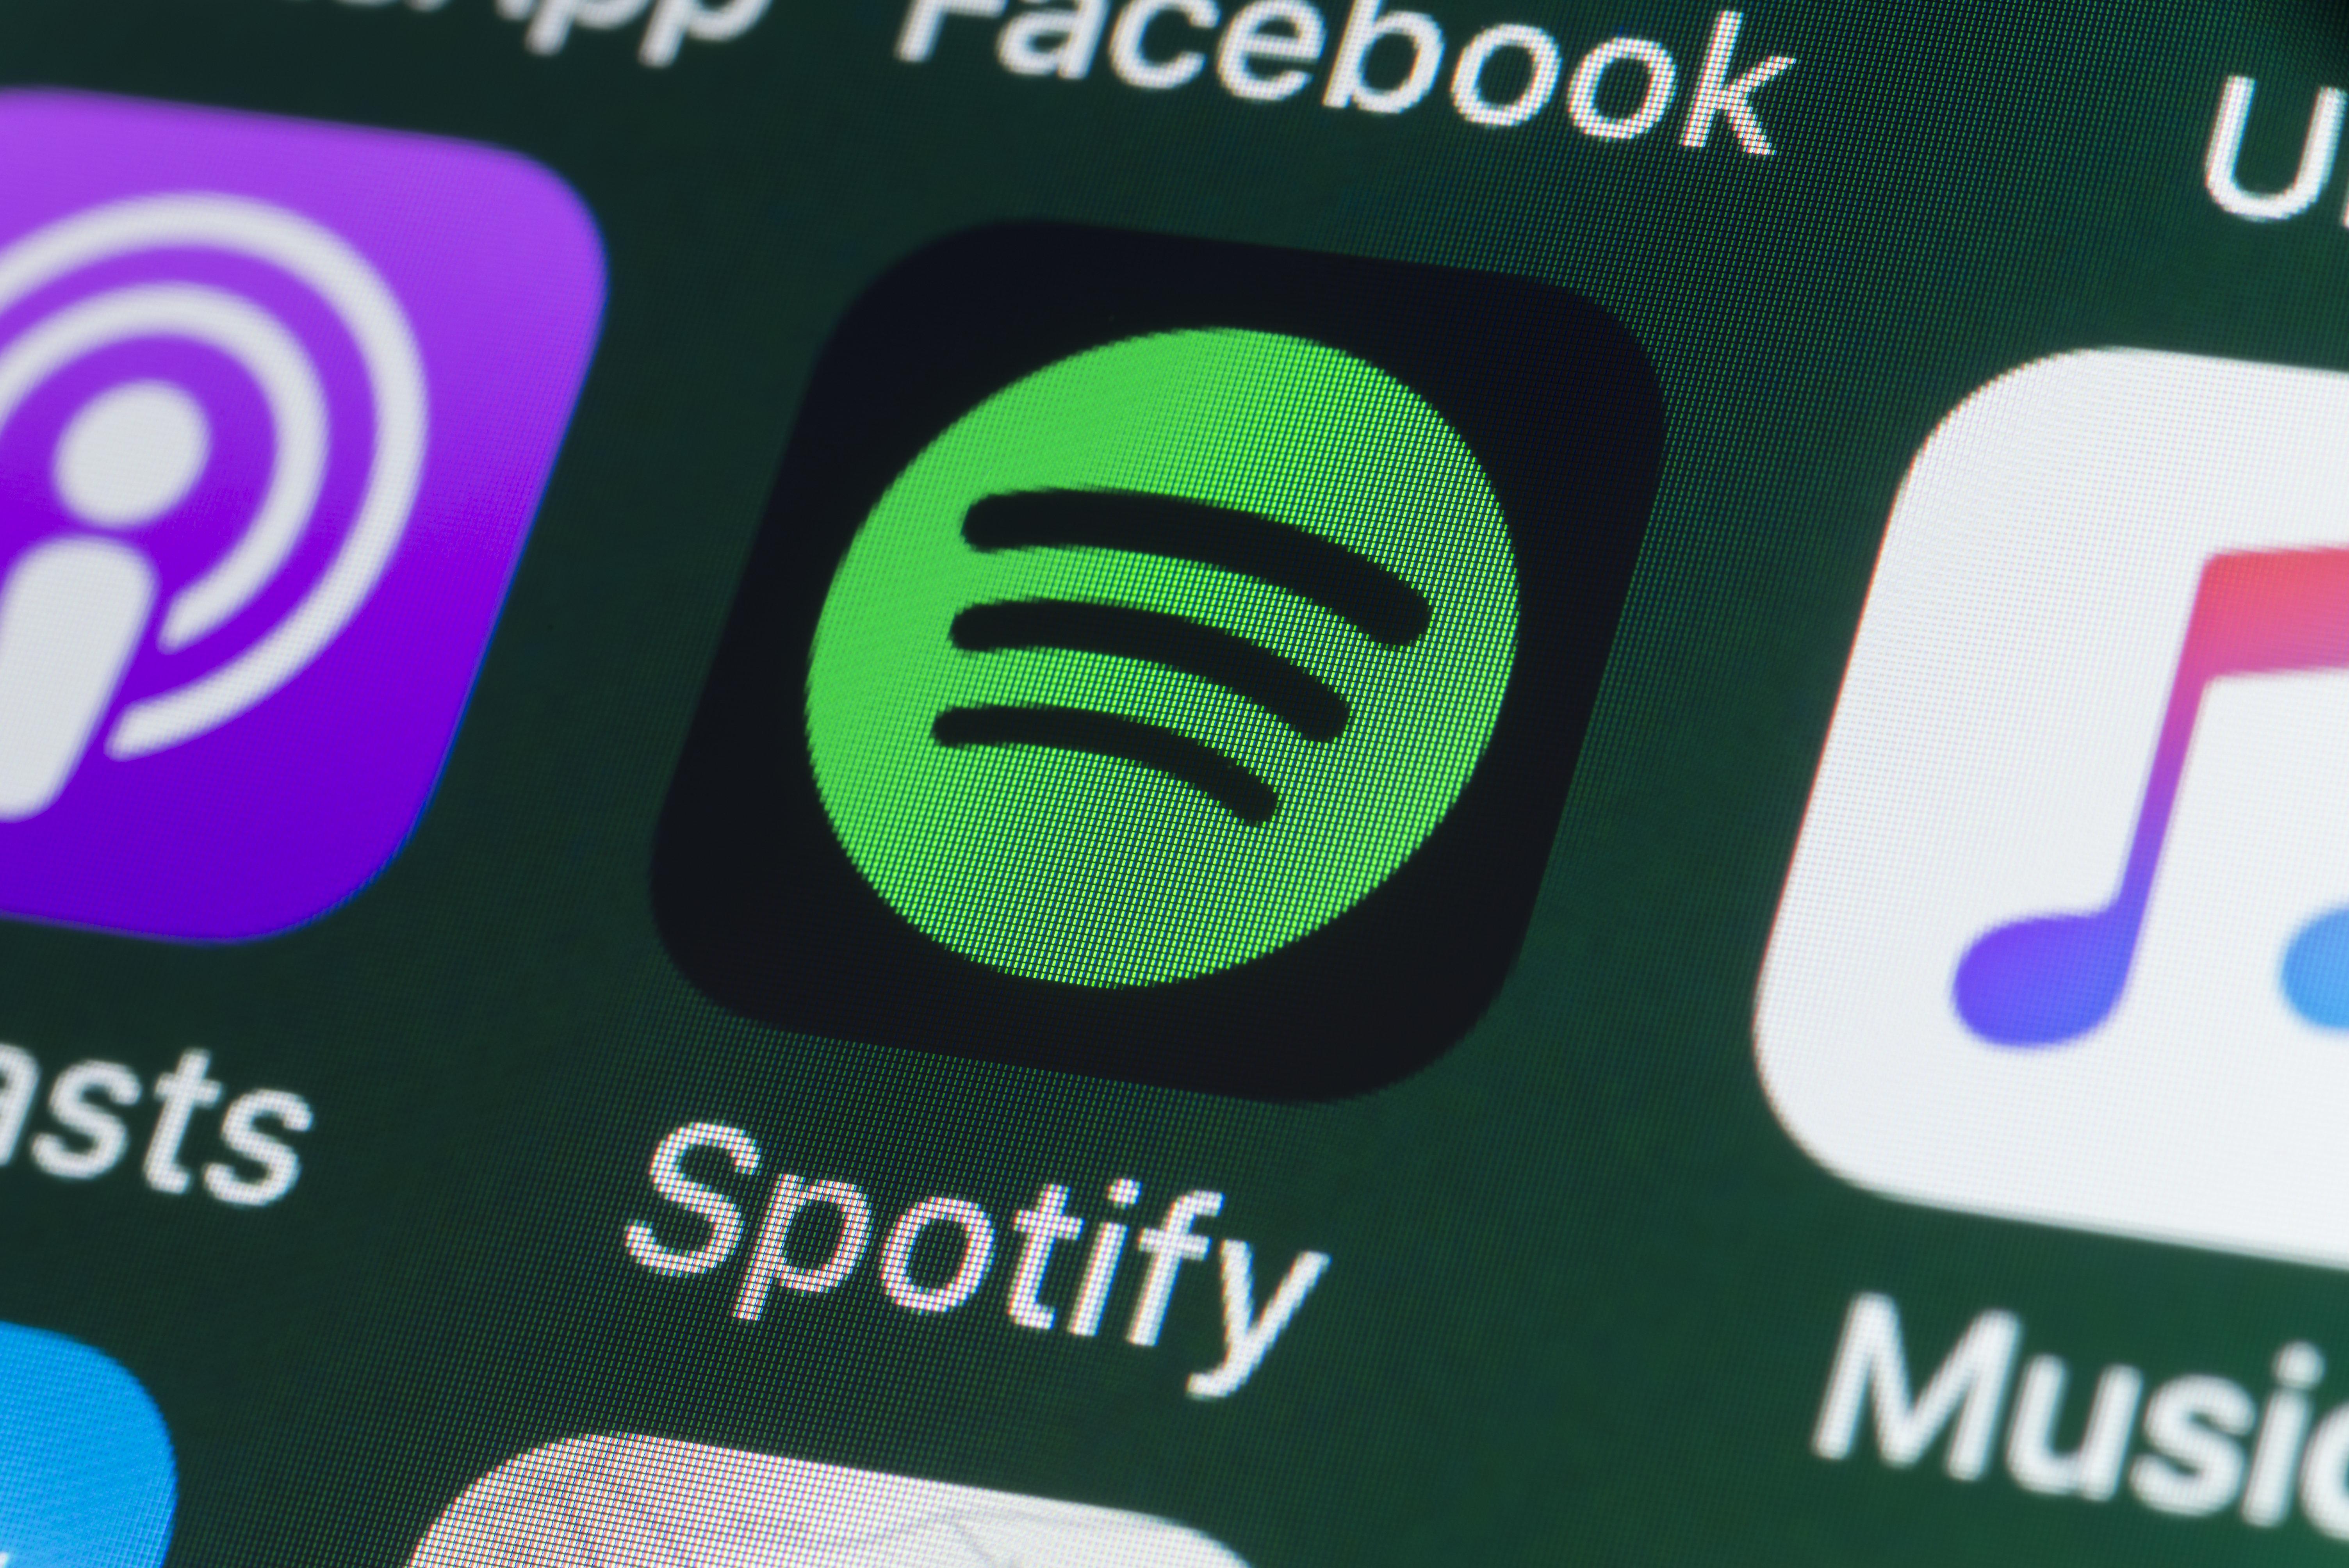 Le géant du streaming musical, Spotify, fait ses premiers pas en